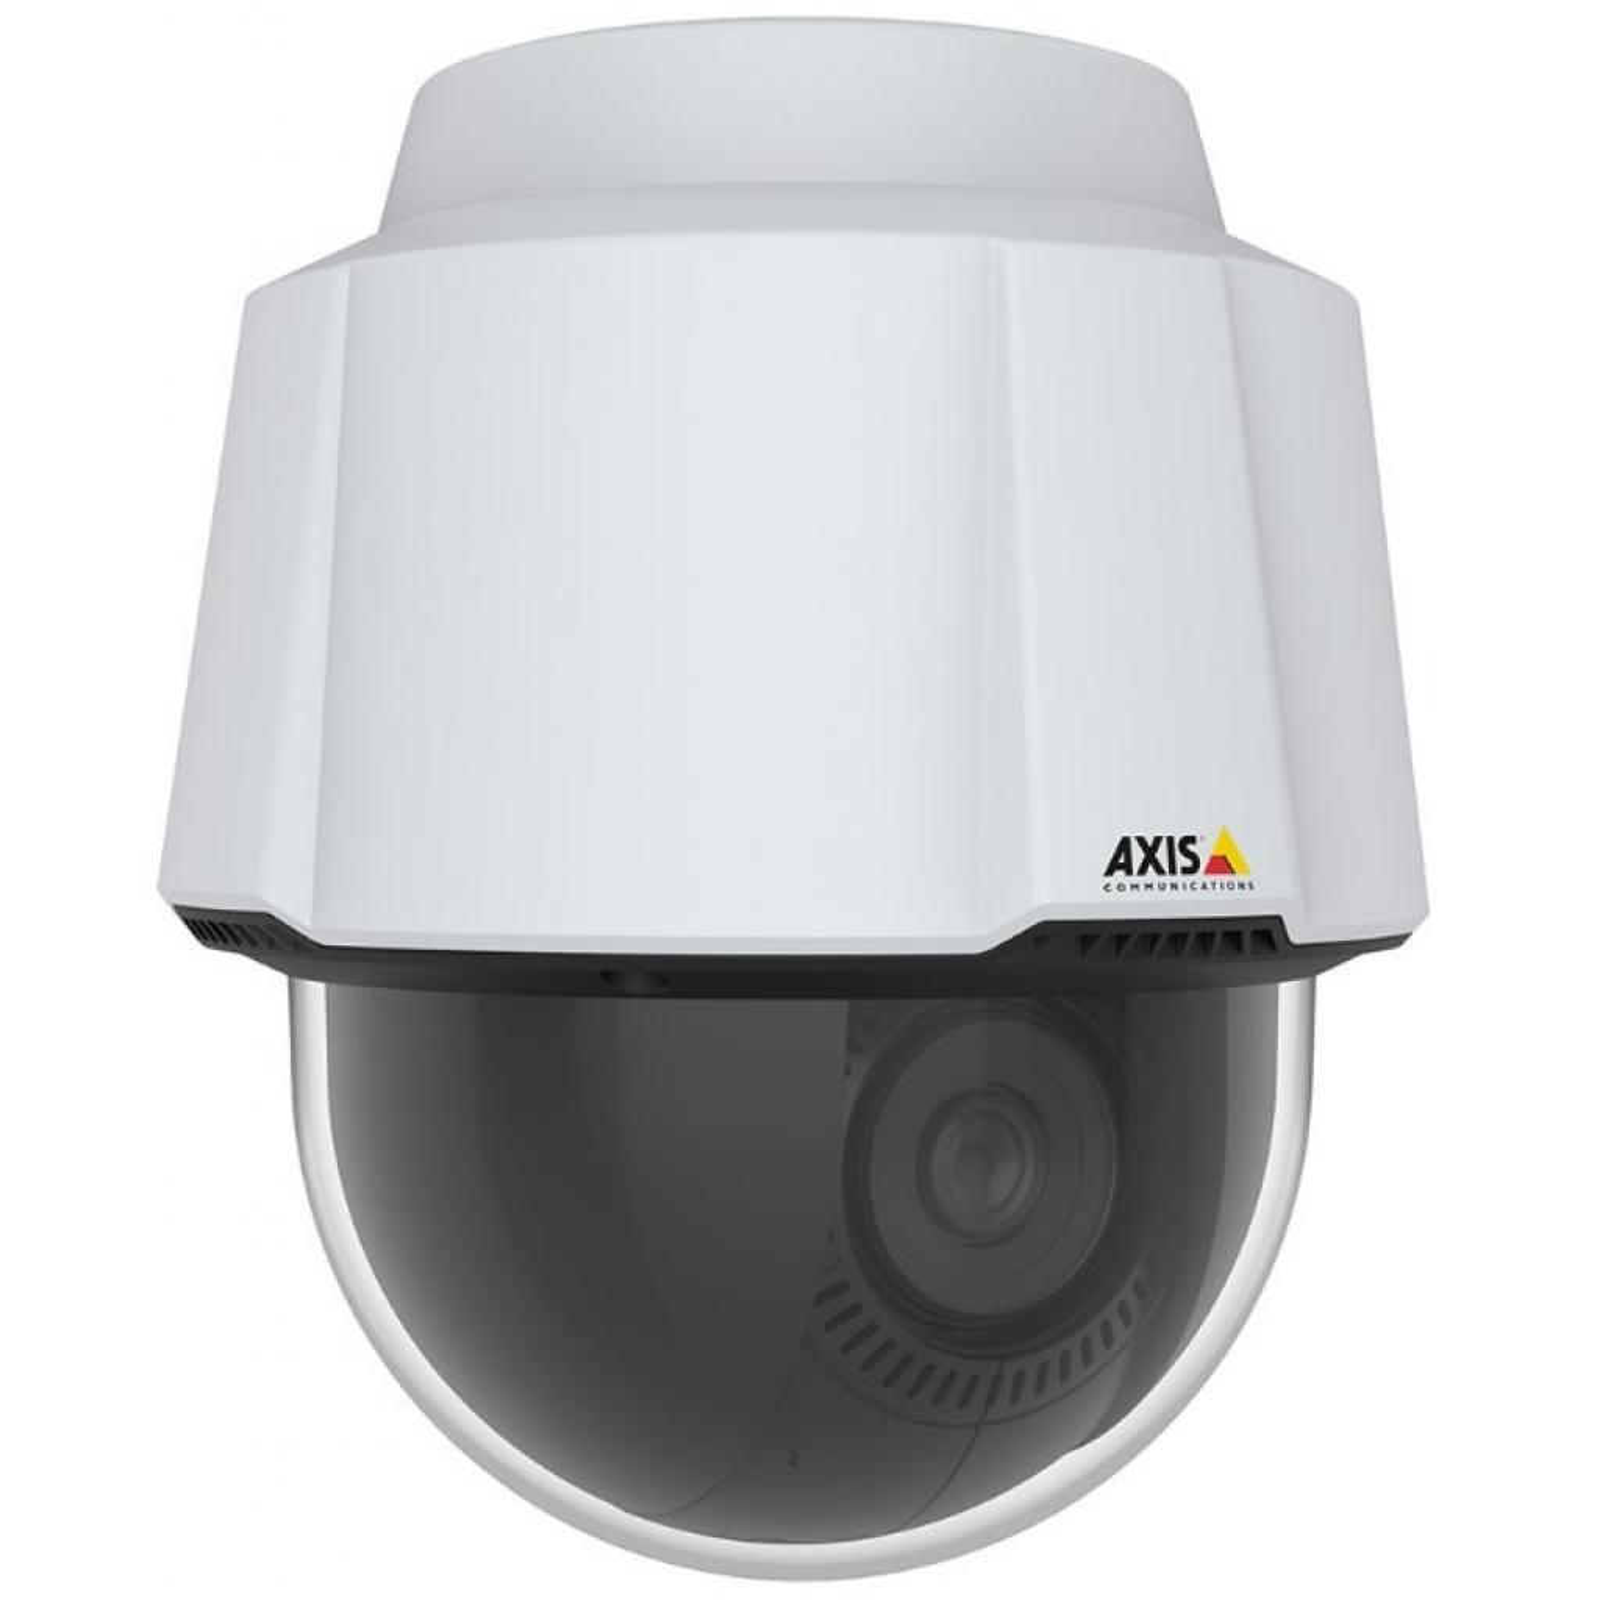 Камера видеонаблюдения Axis P5655-E 50HZ (PTZ 32x) (01681-001) изображение 3